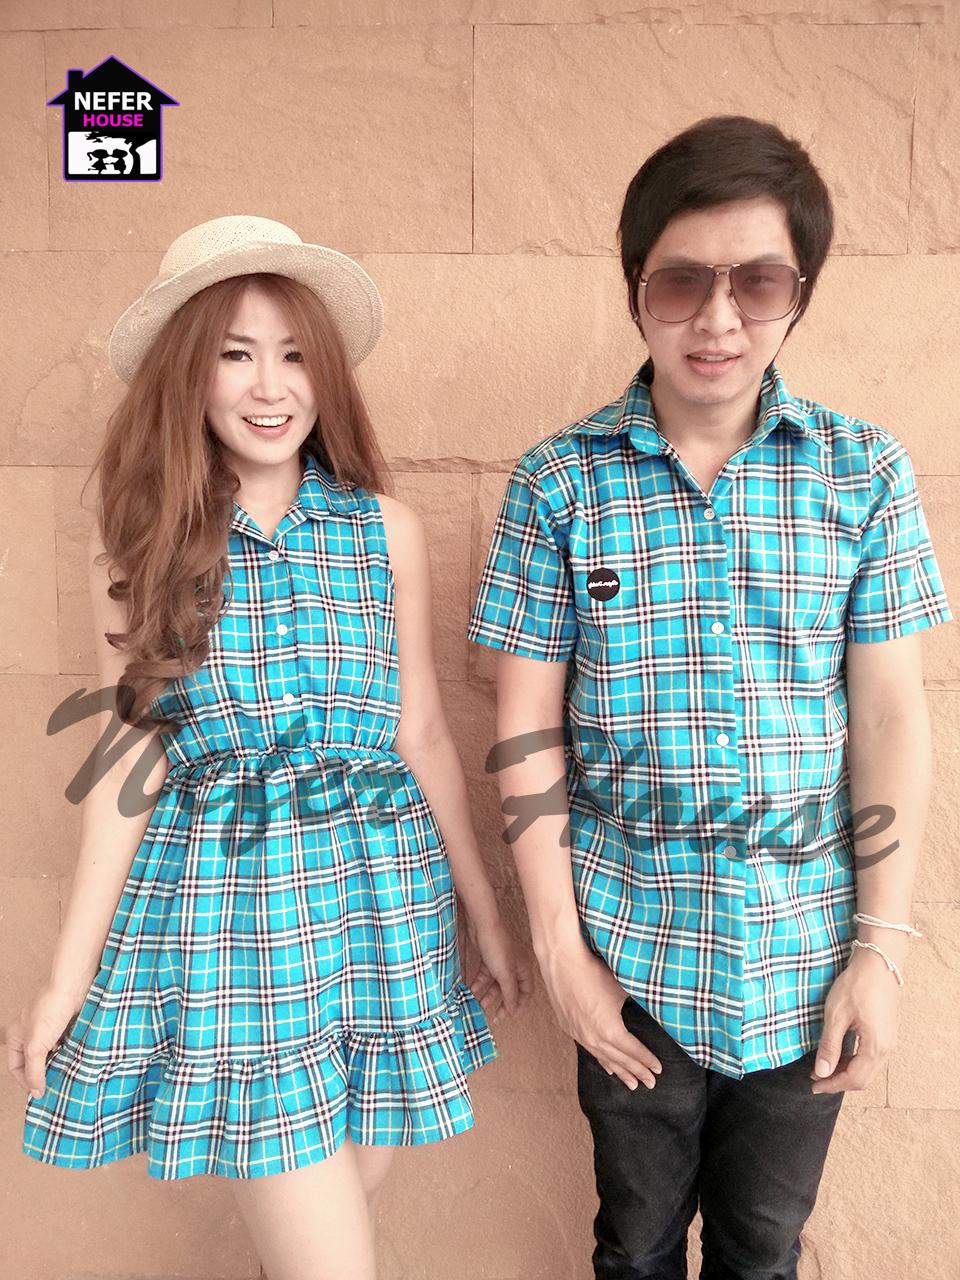 ชุดคู่รักเกาหลี เชิ๊ตชายแขนสั้นลายเบอเบอรี่สีฟ้า มาพร้อมกับเดรสคอปกผ่าหน้า